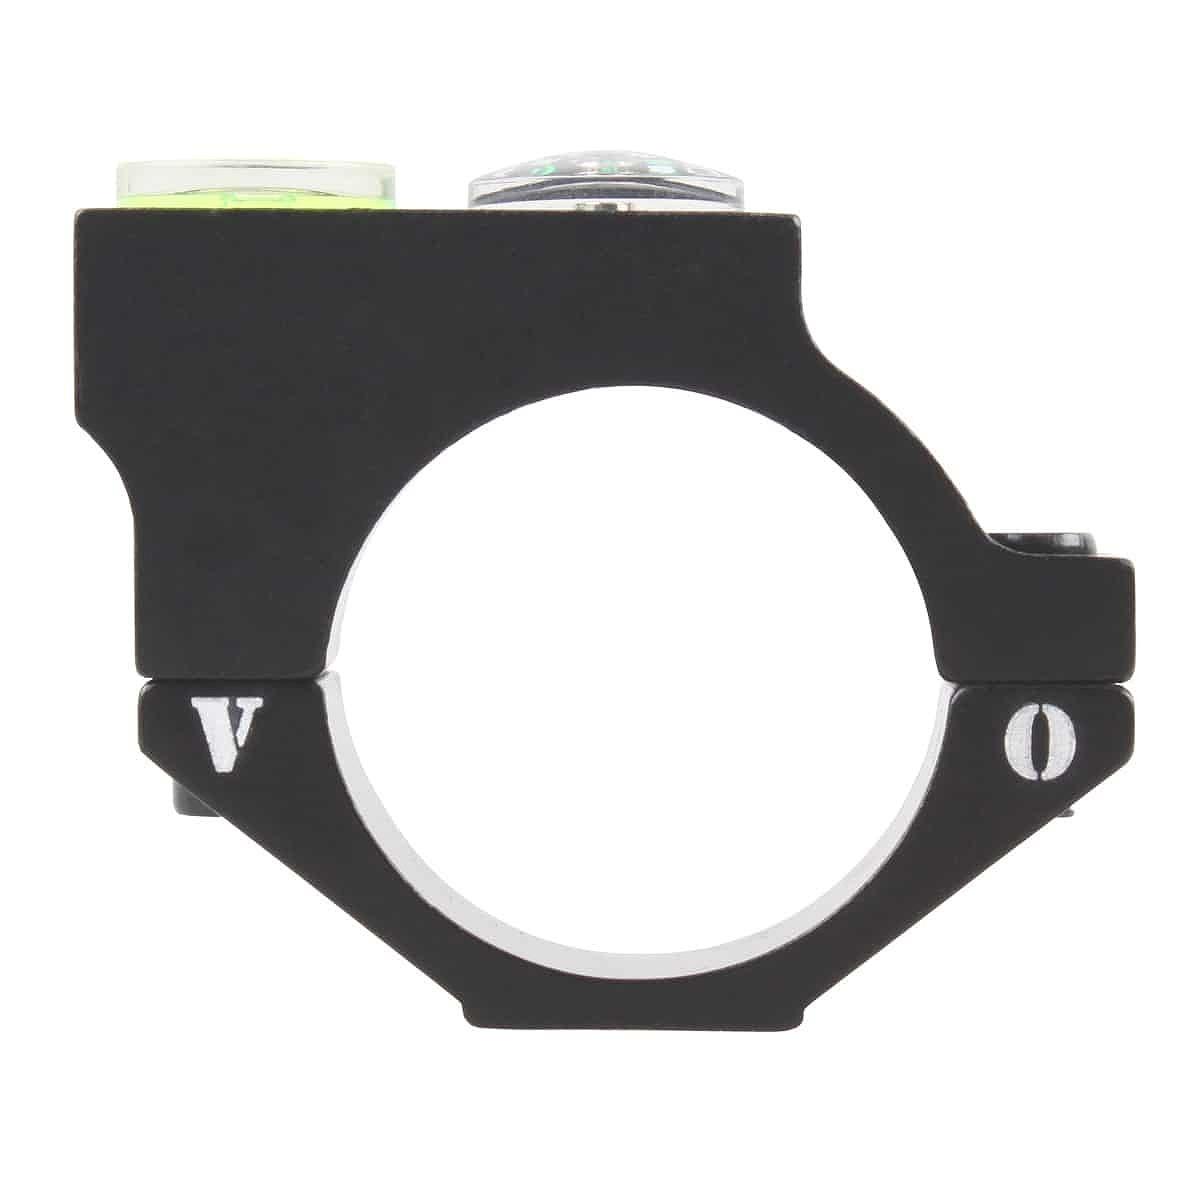 ベクターオプティクス 水平器 30mm Offest Bubblew/ Compass  Vector Optics SCACD-05